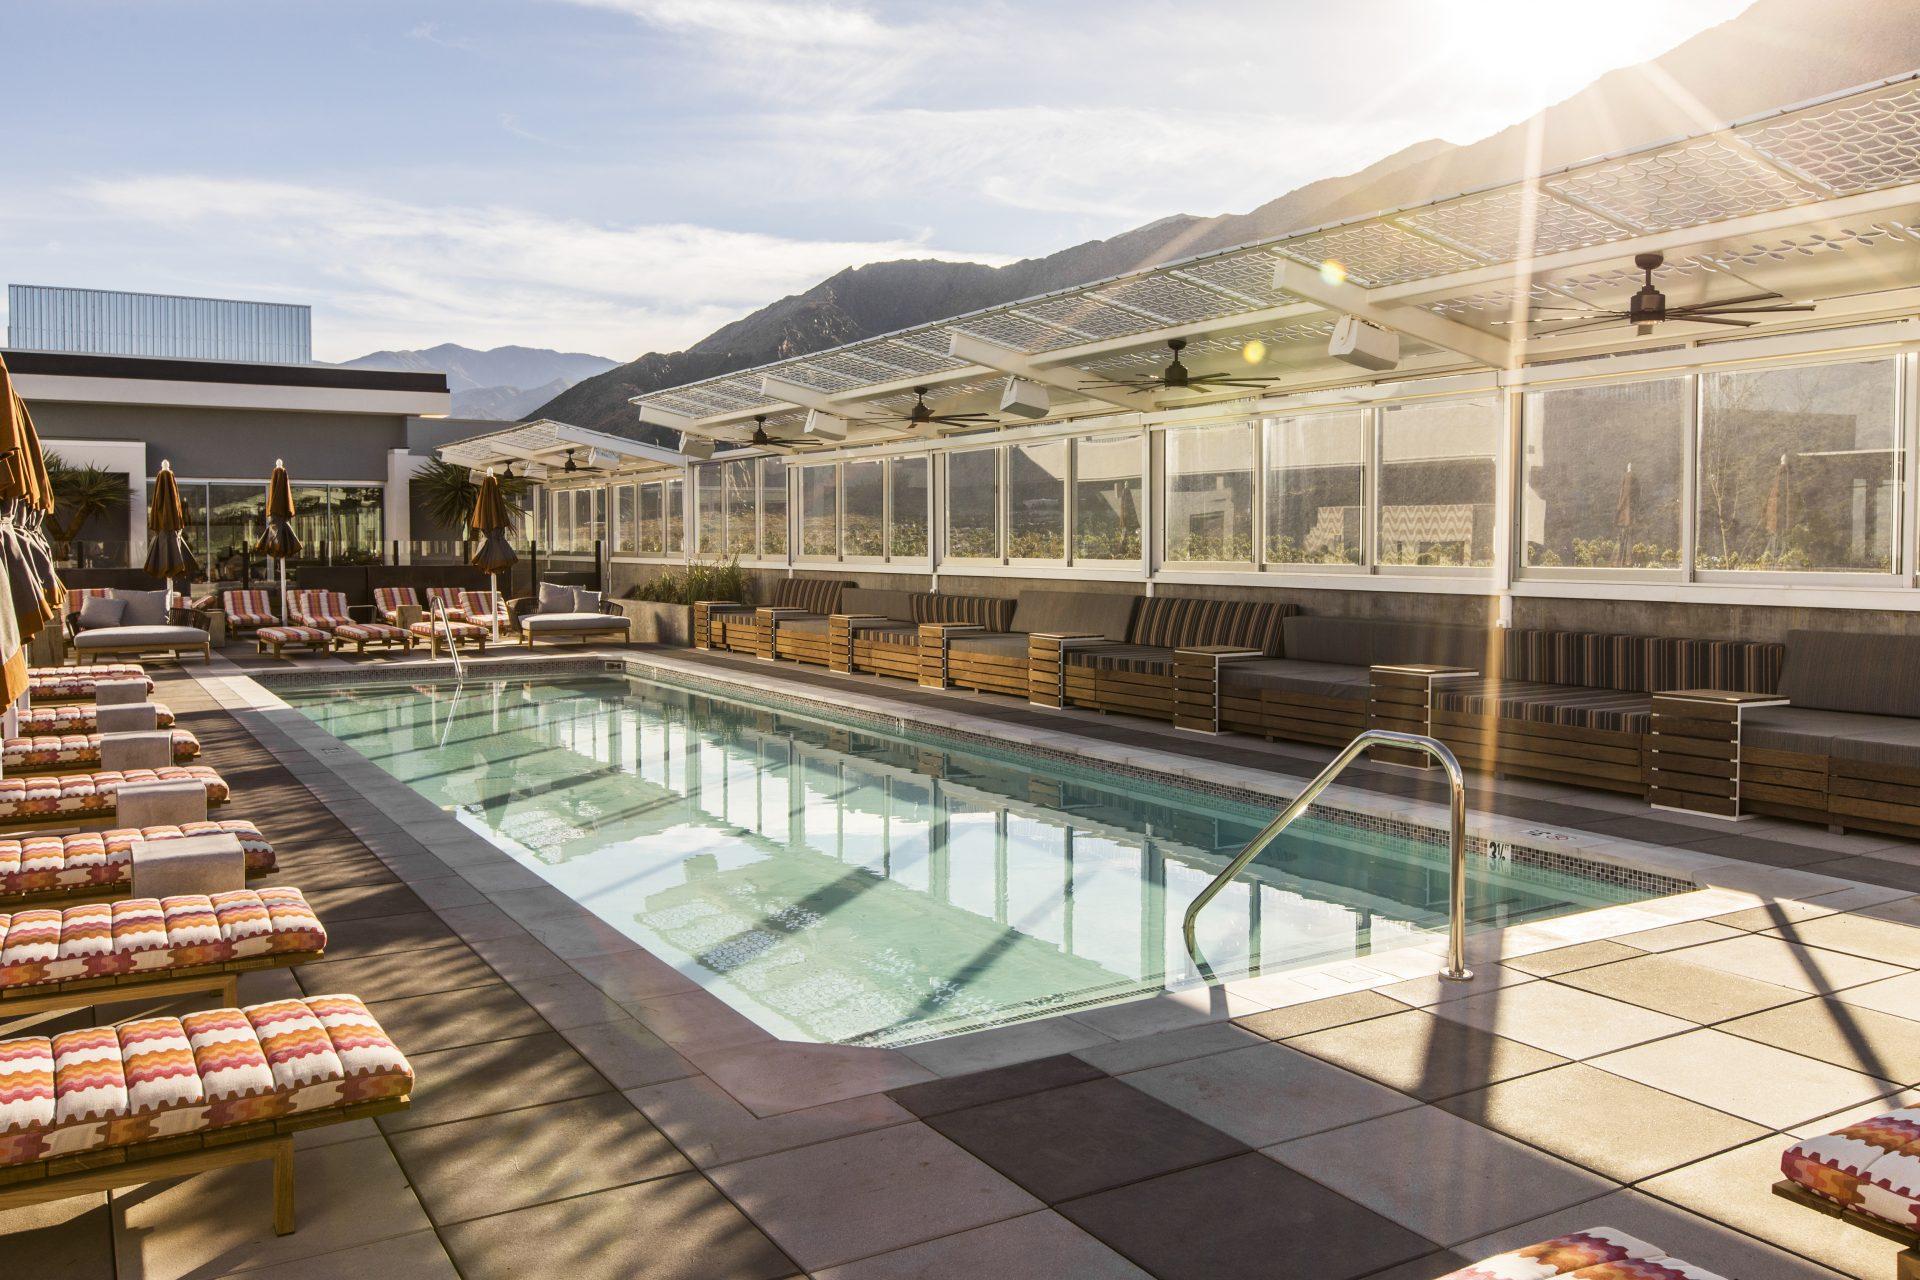 Kimpton Hotels, by Laure Joliet/Divulgação